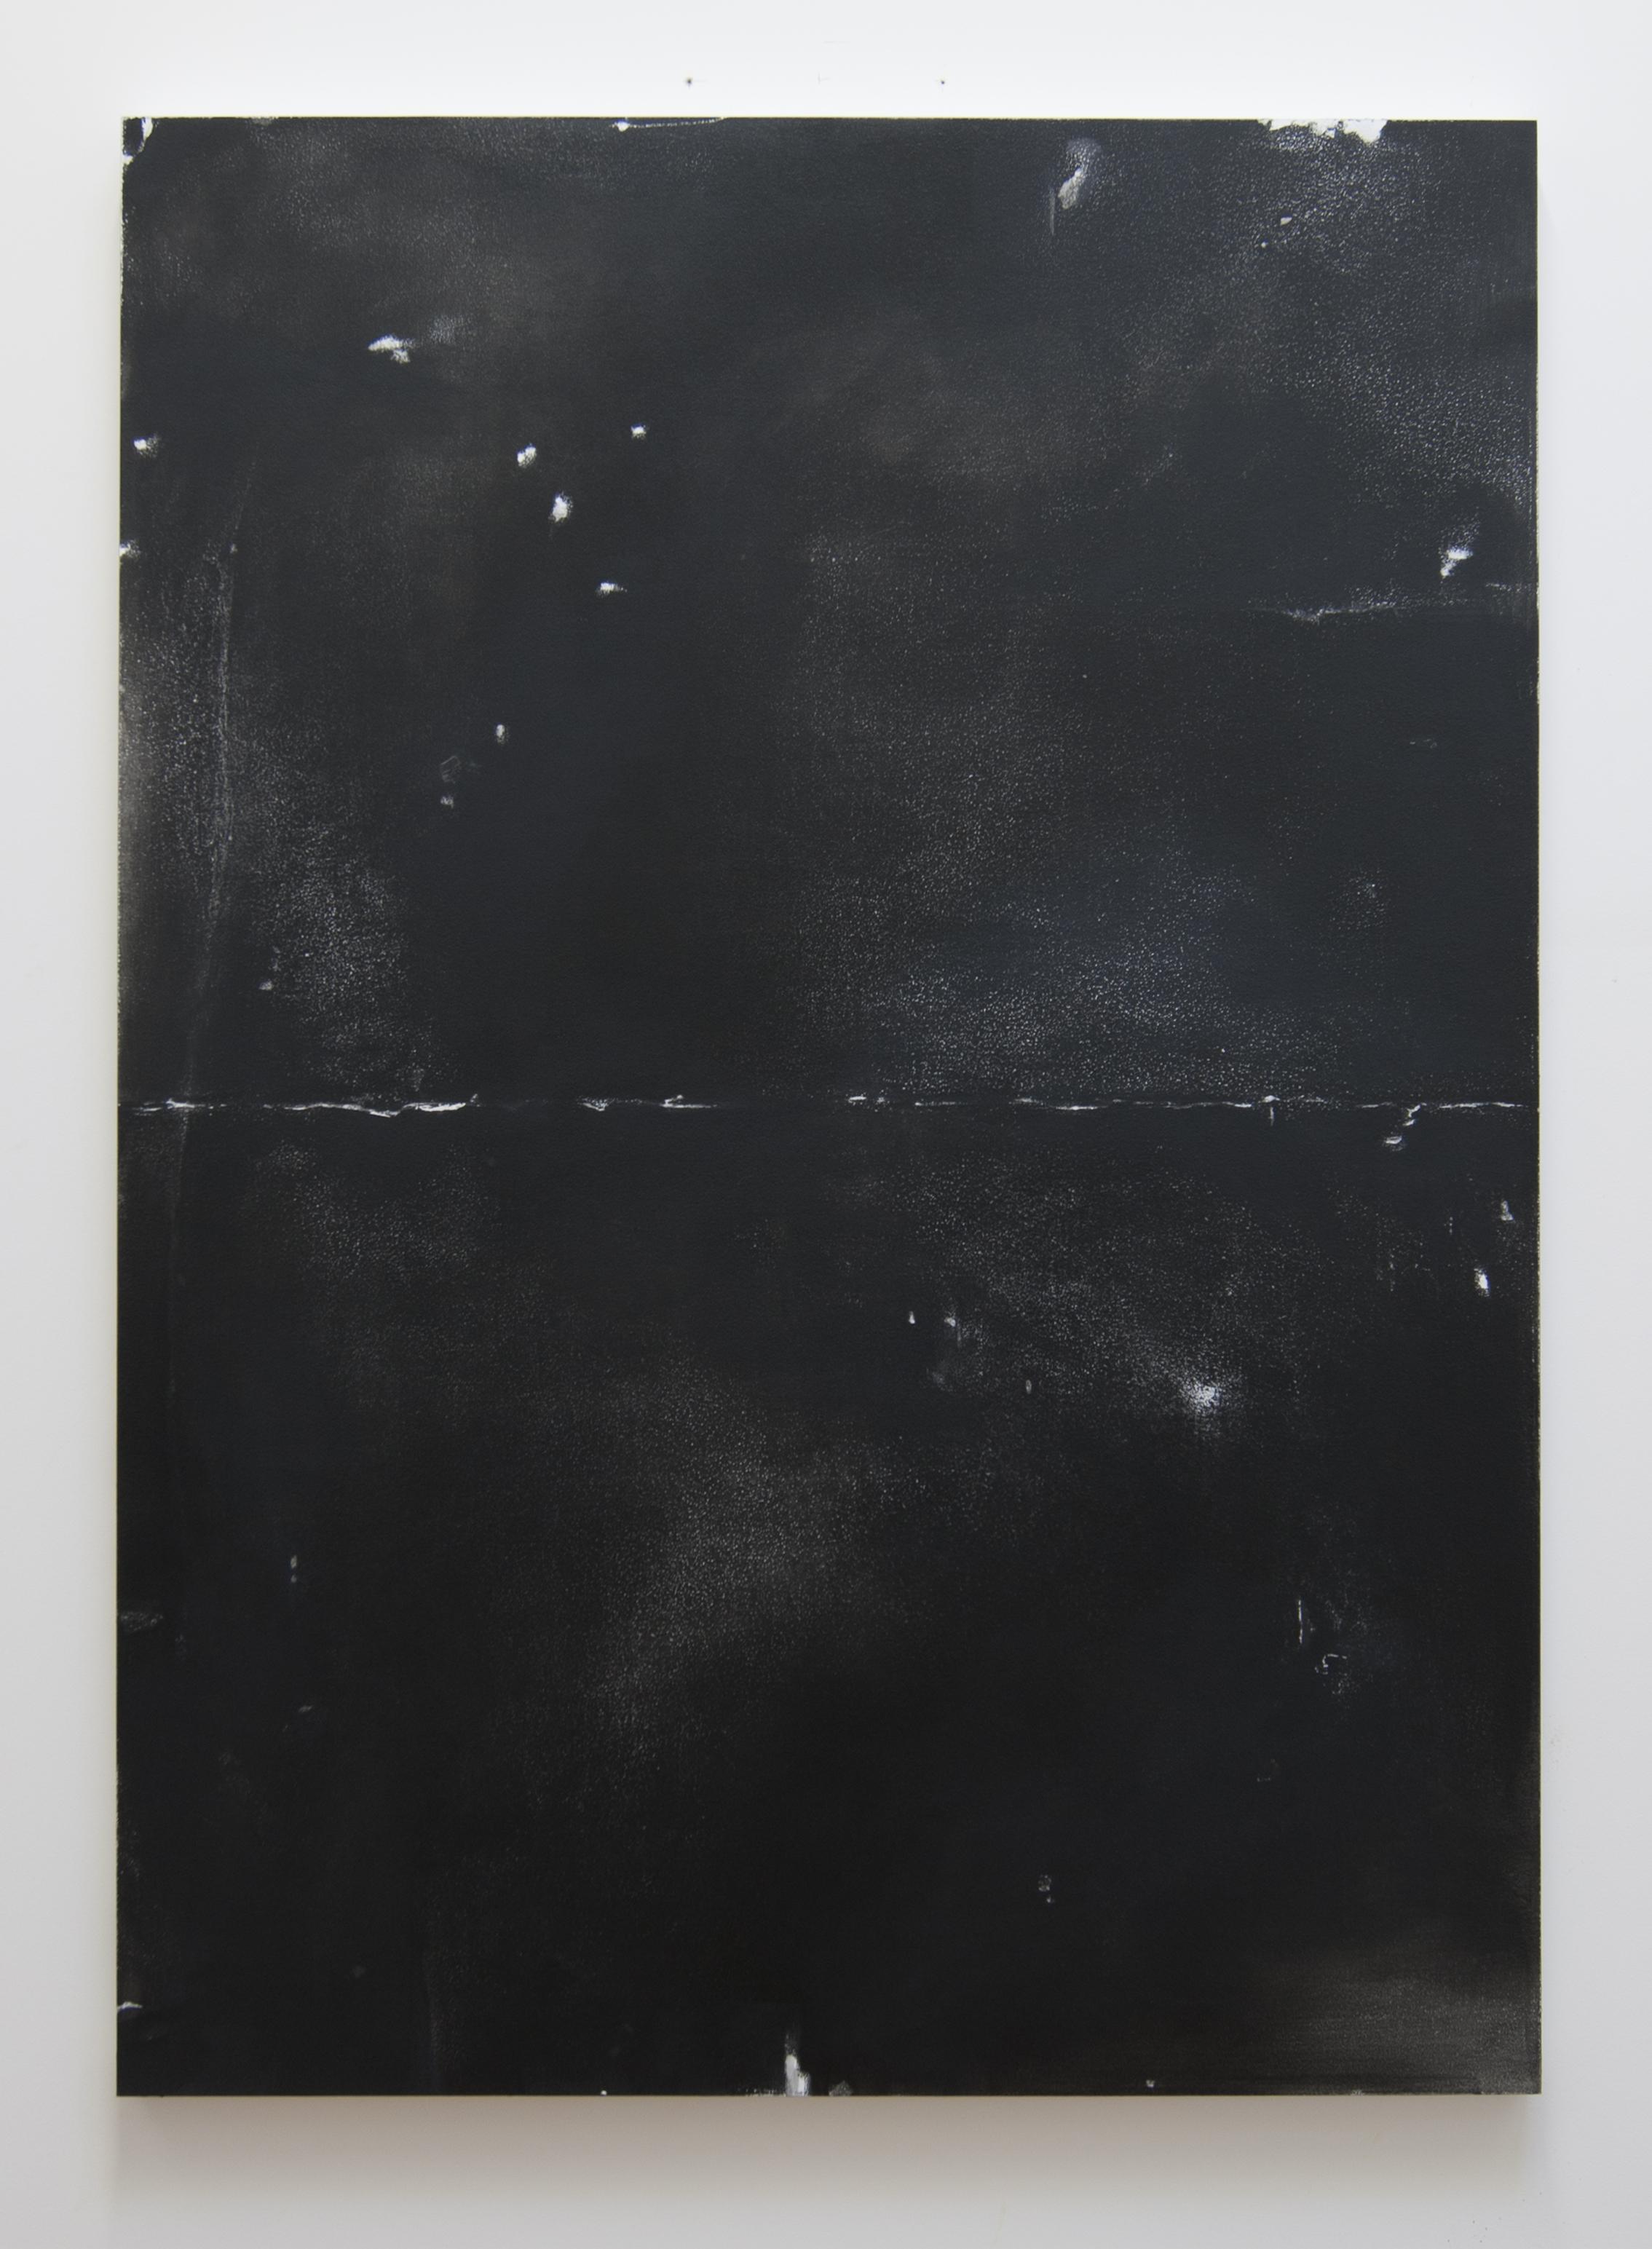 Effigy, 2012  Acrylic on panel, 51 x 37 inches